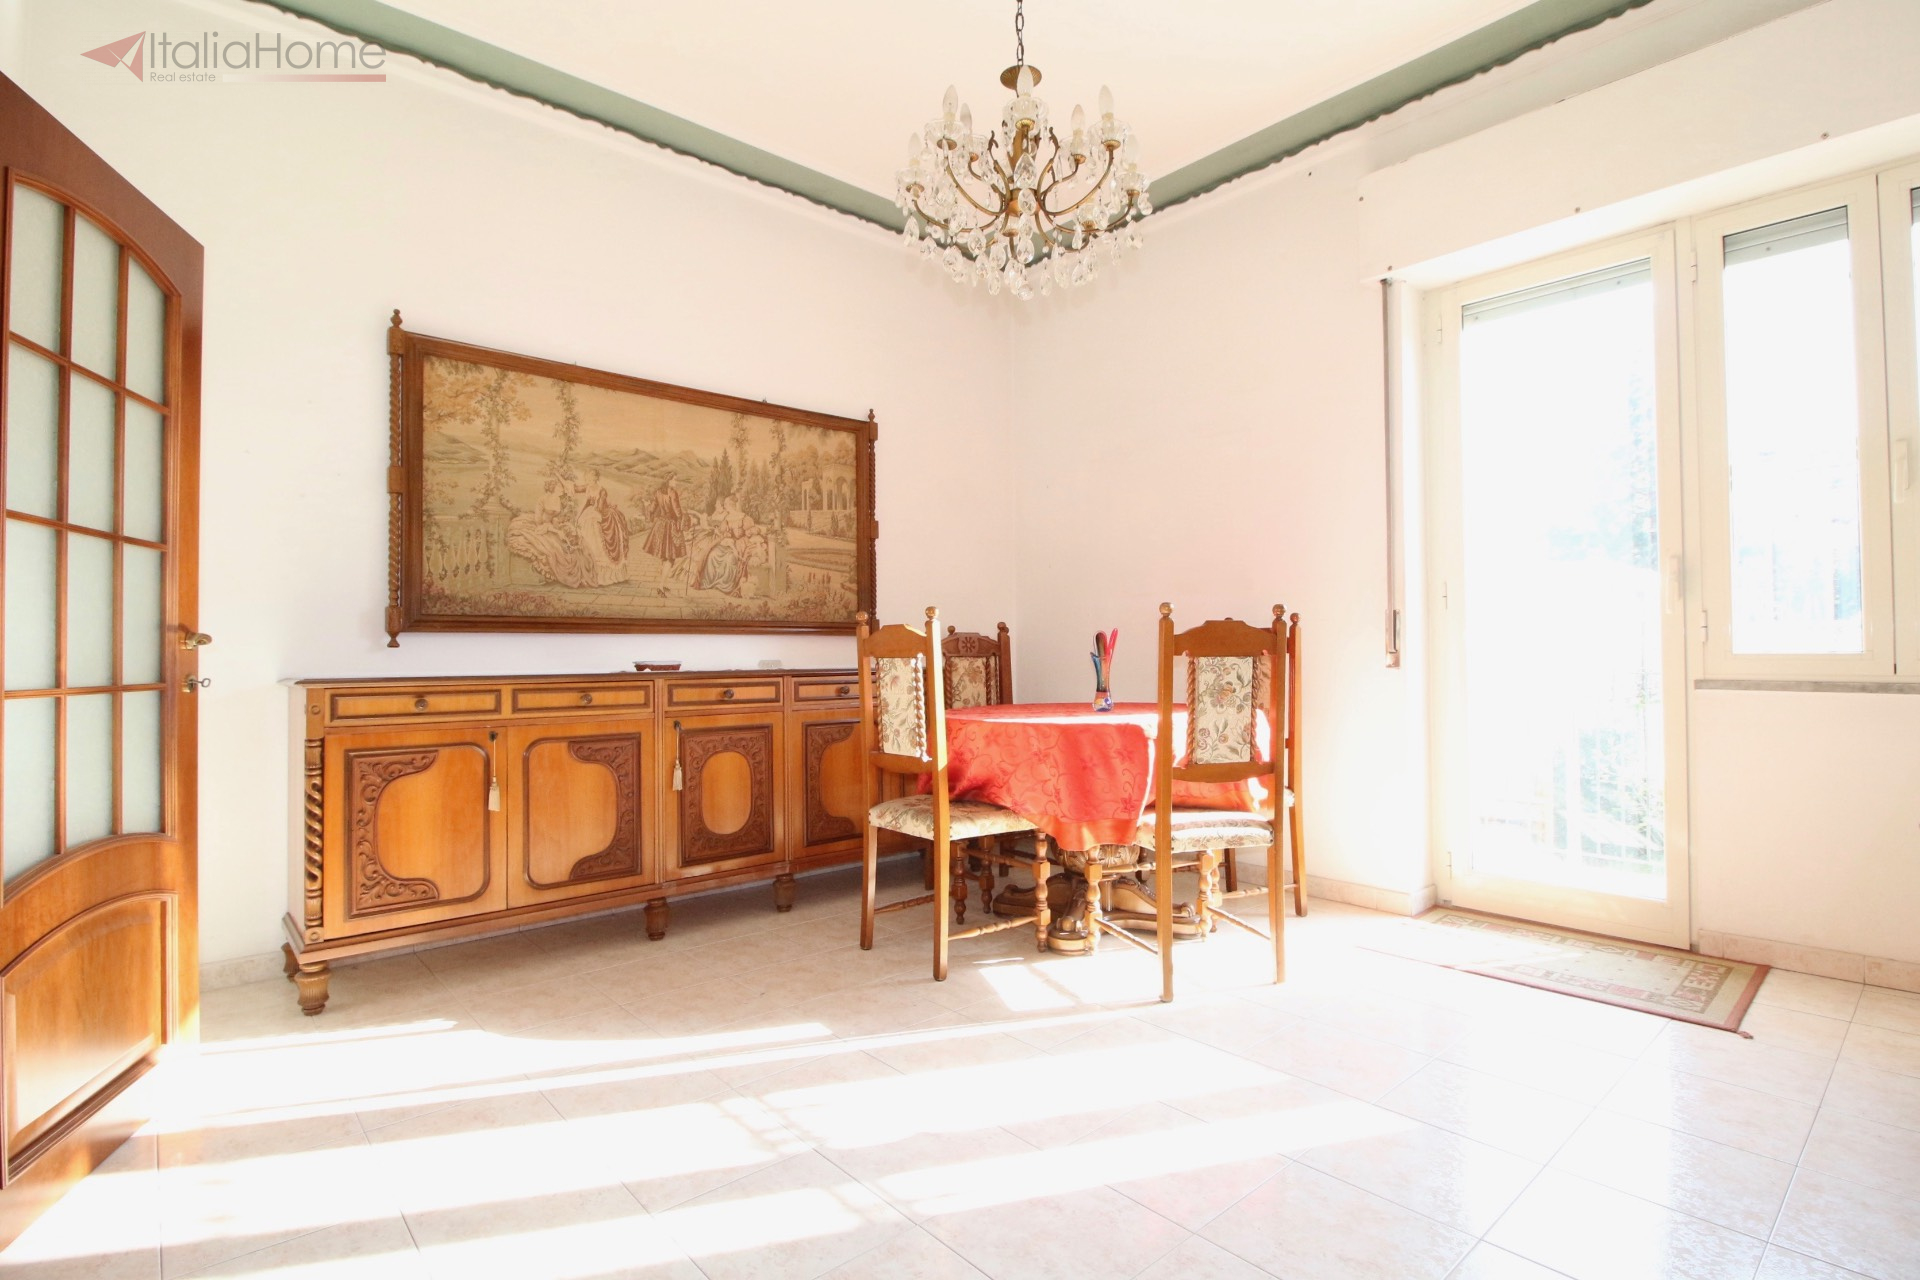 cagliari vendita quart: is mirrionis italia home s.r.l.